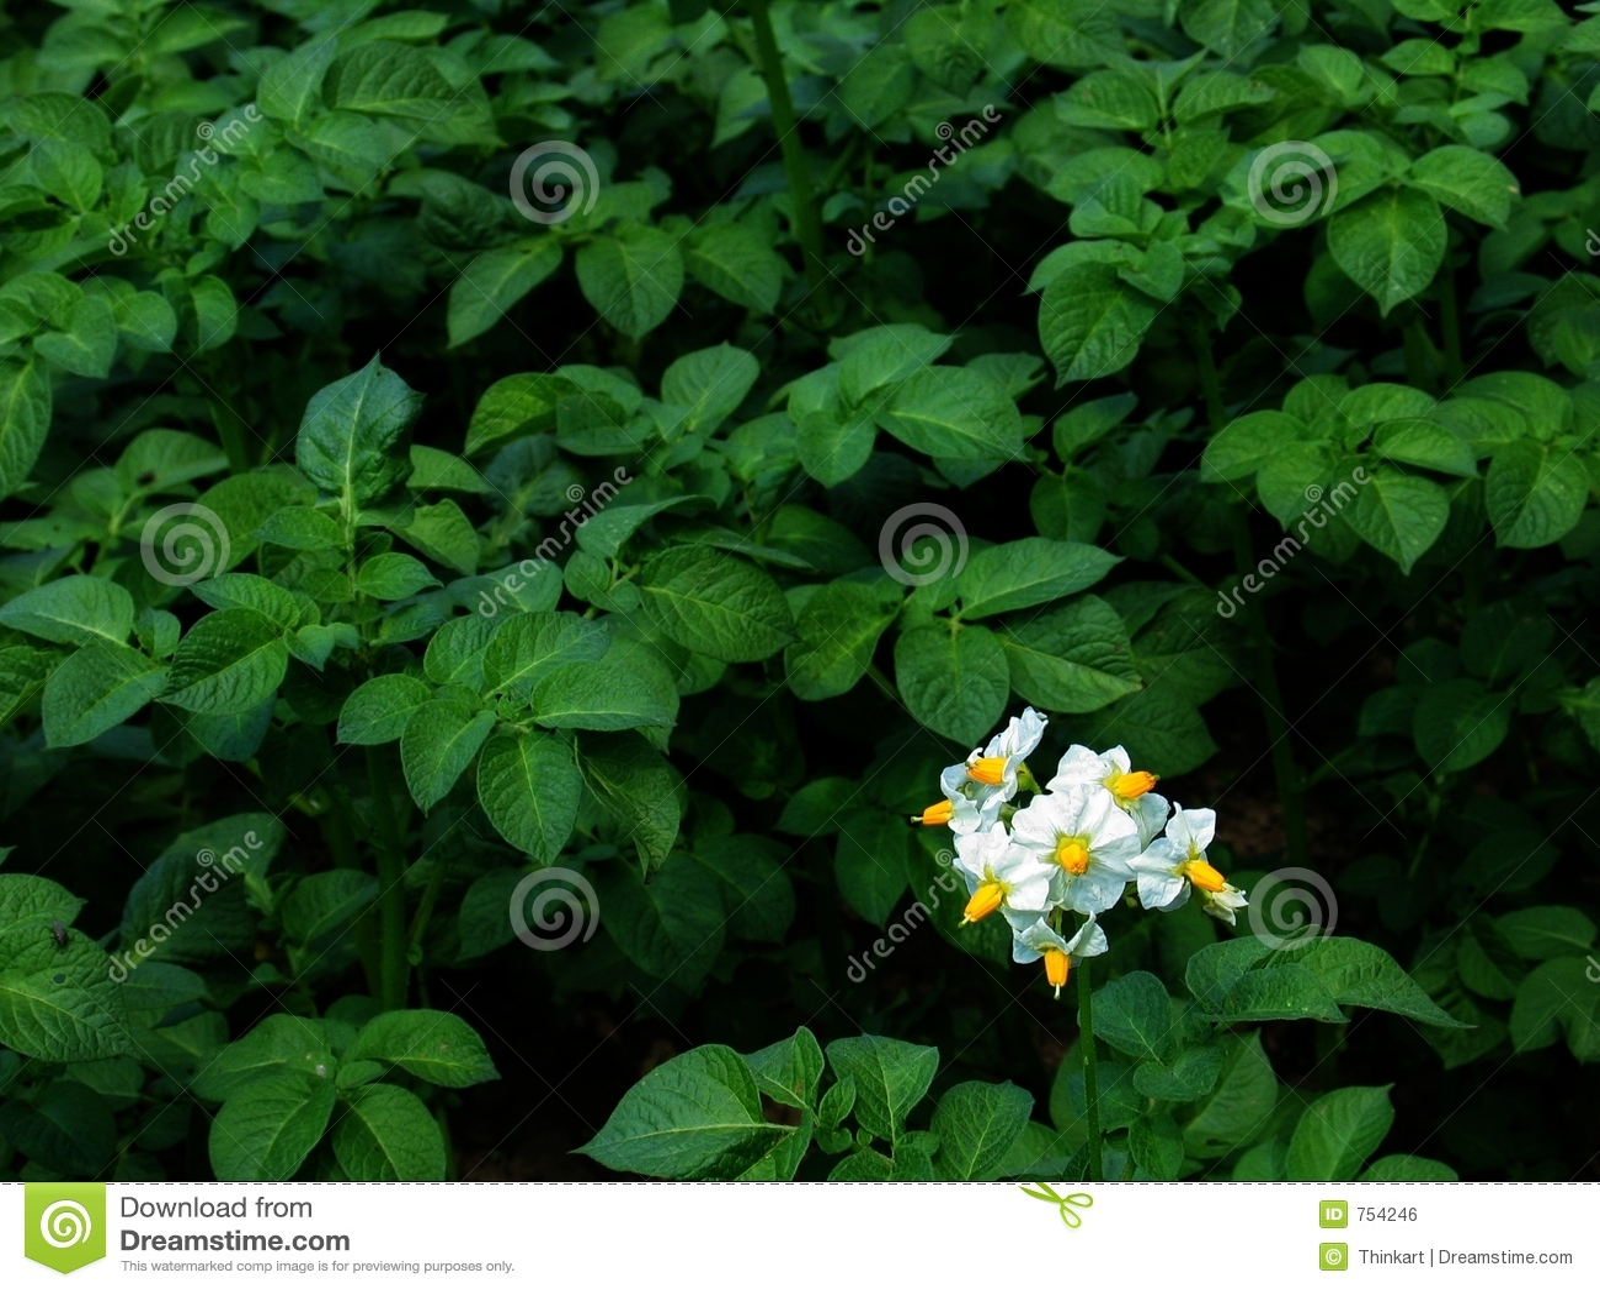 fleur de plante de pomme de terre dans la fleur image libre de droits image 754246. Black Bedroom Furniture Sets. Home Design Ideas